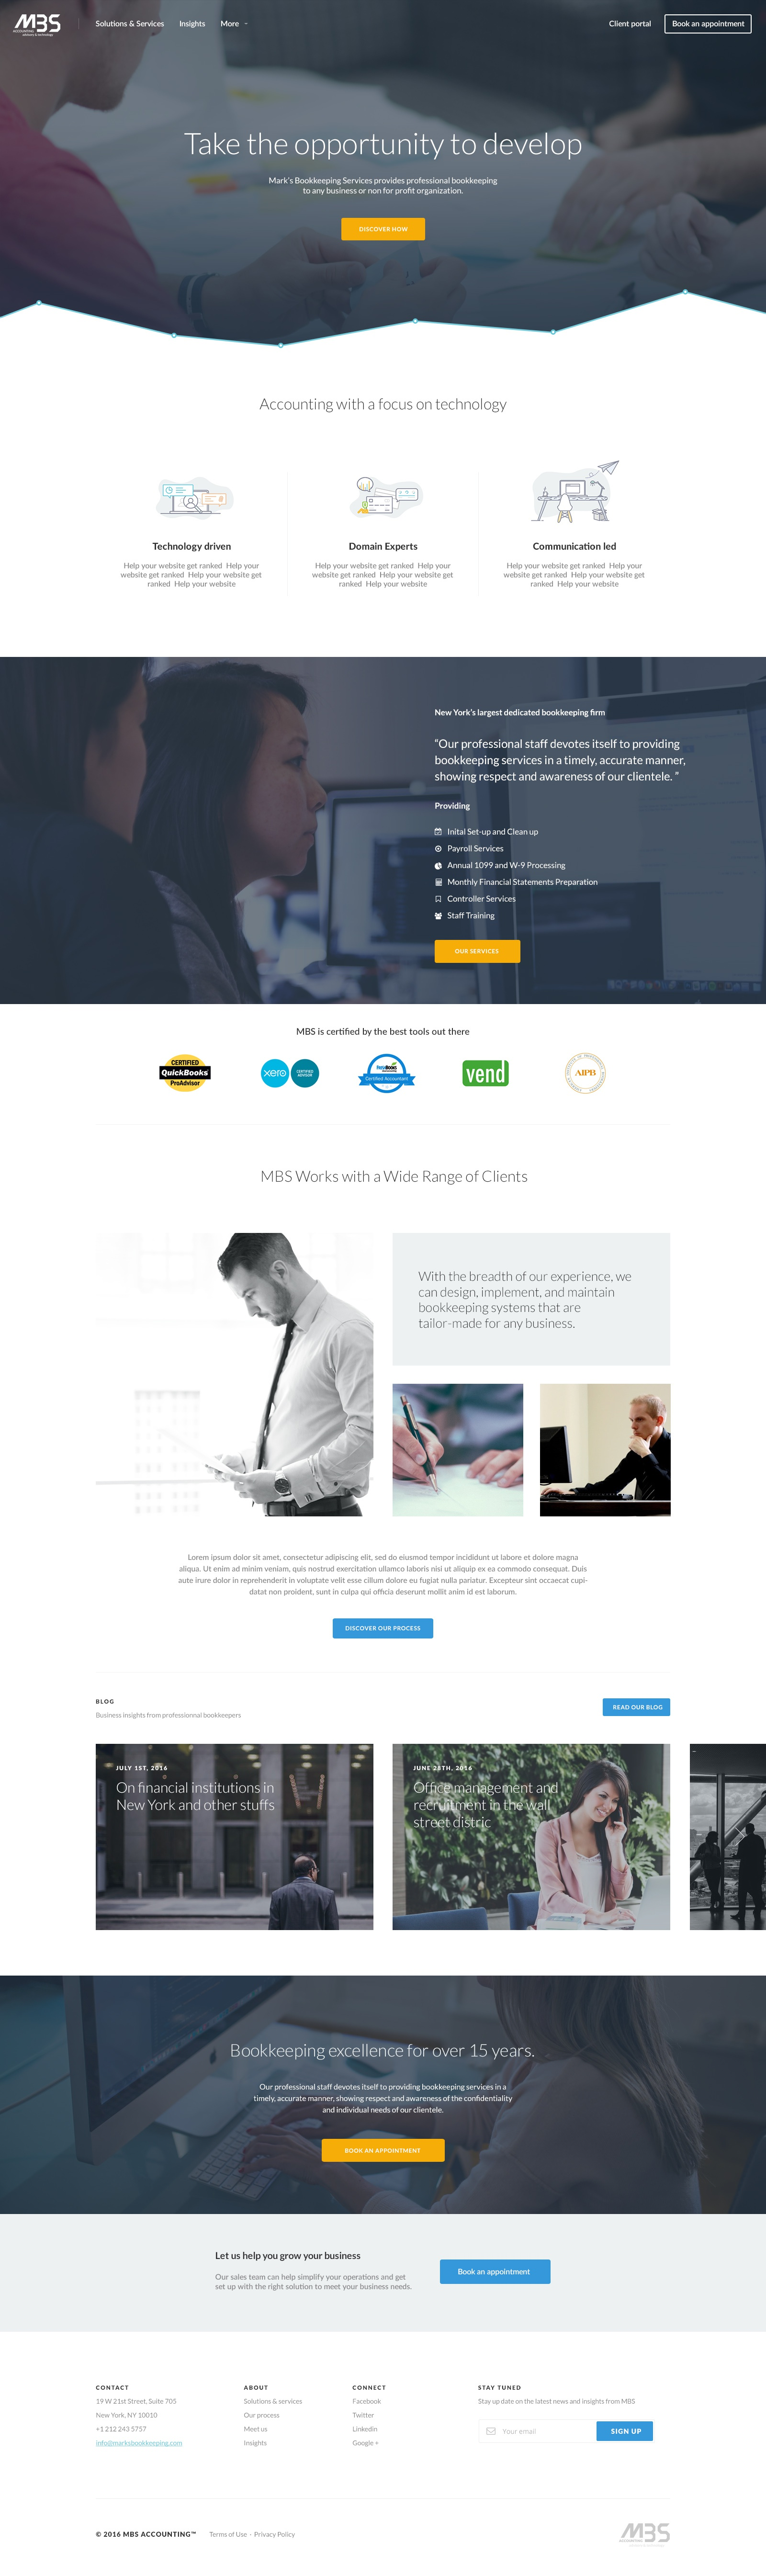 Mbs homepage